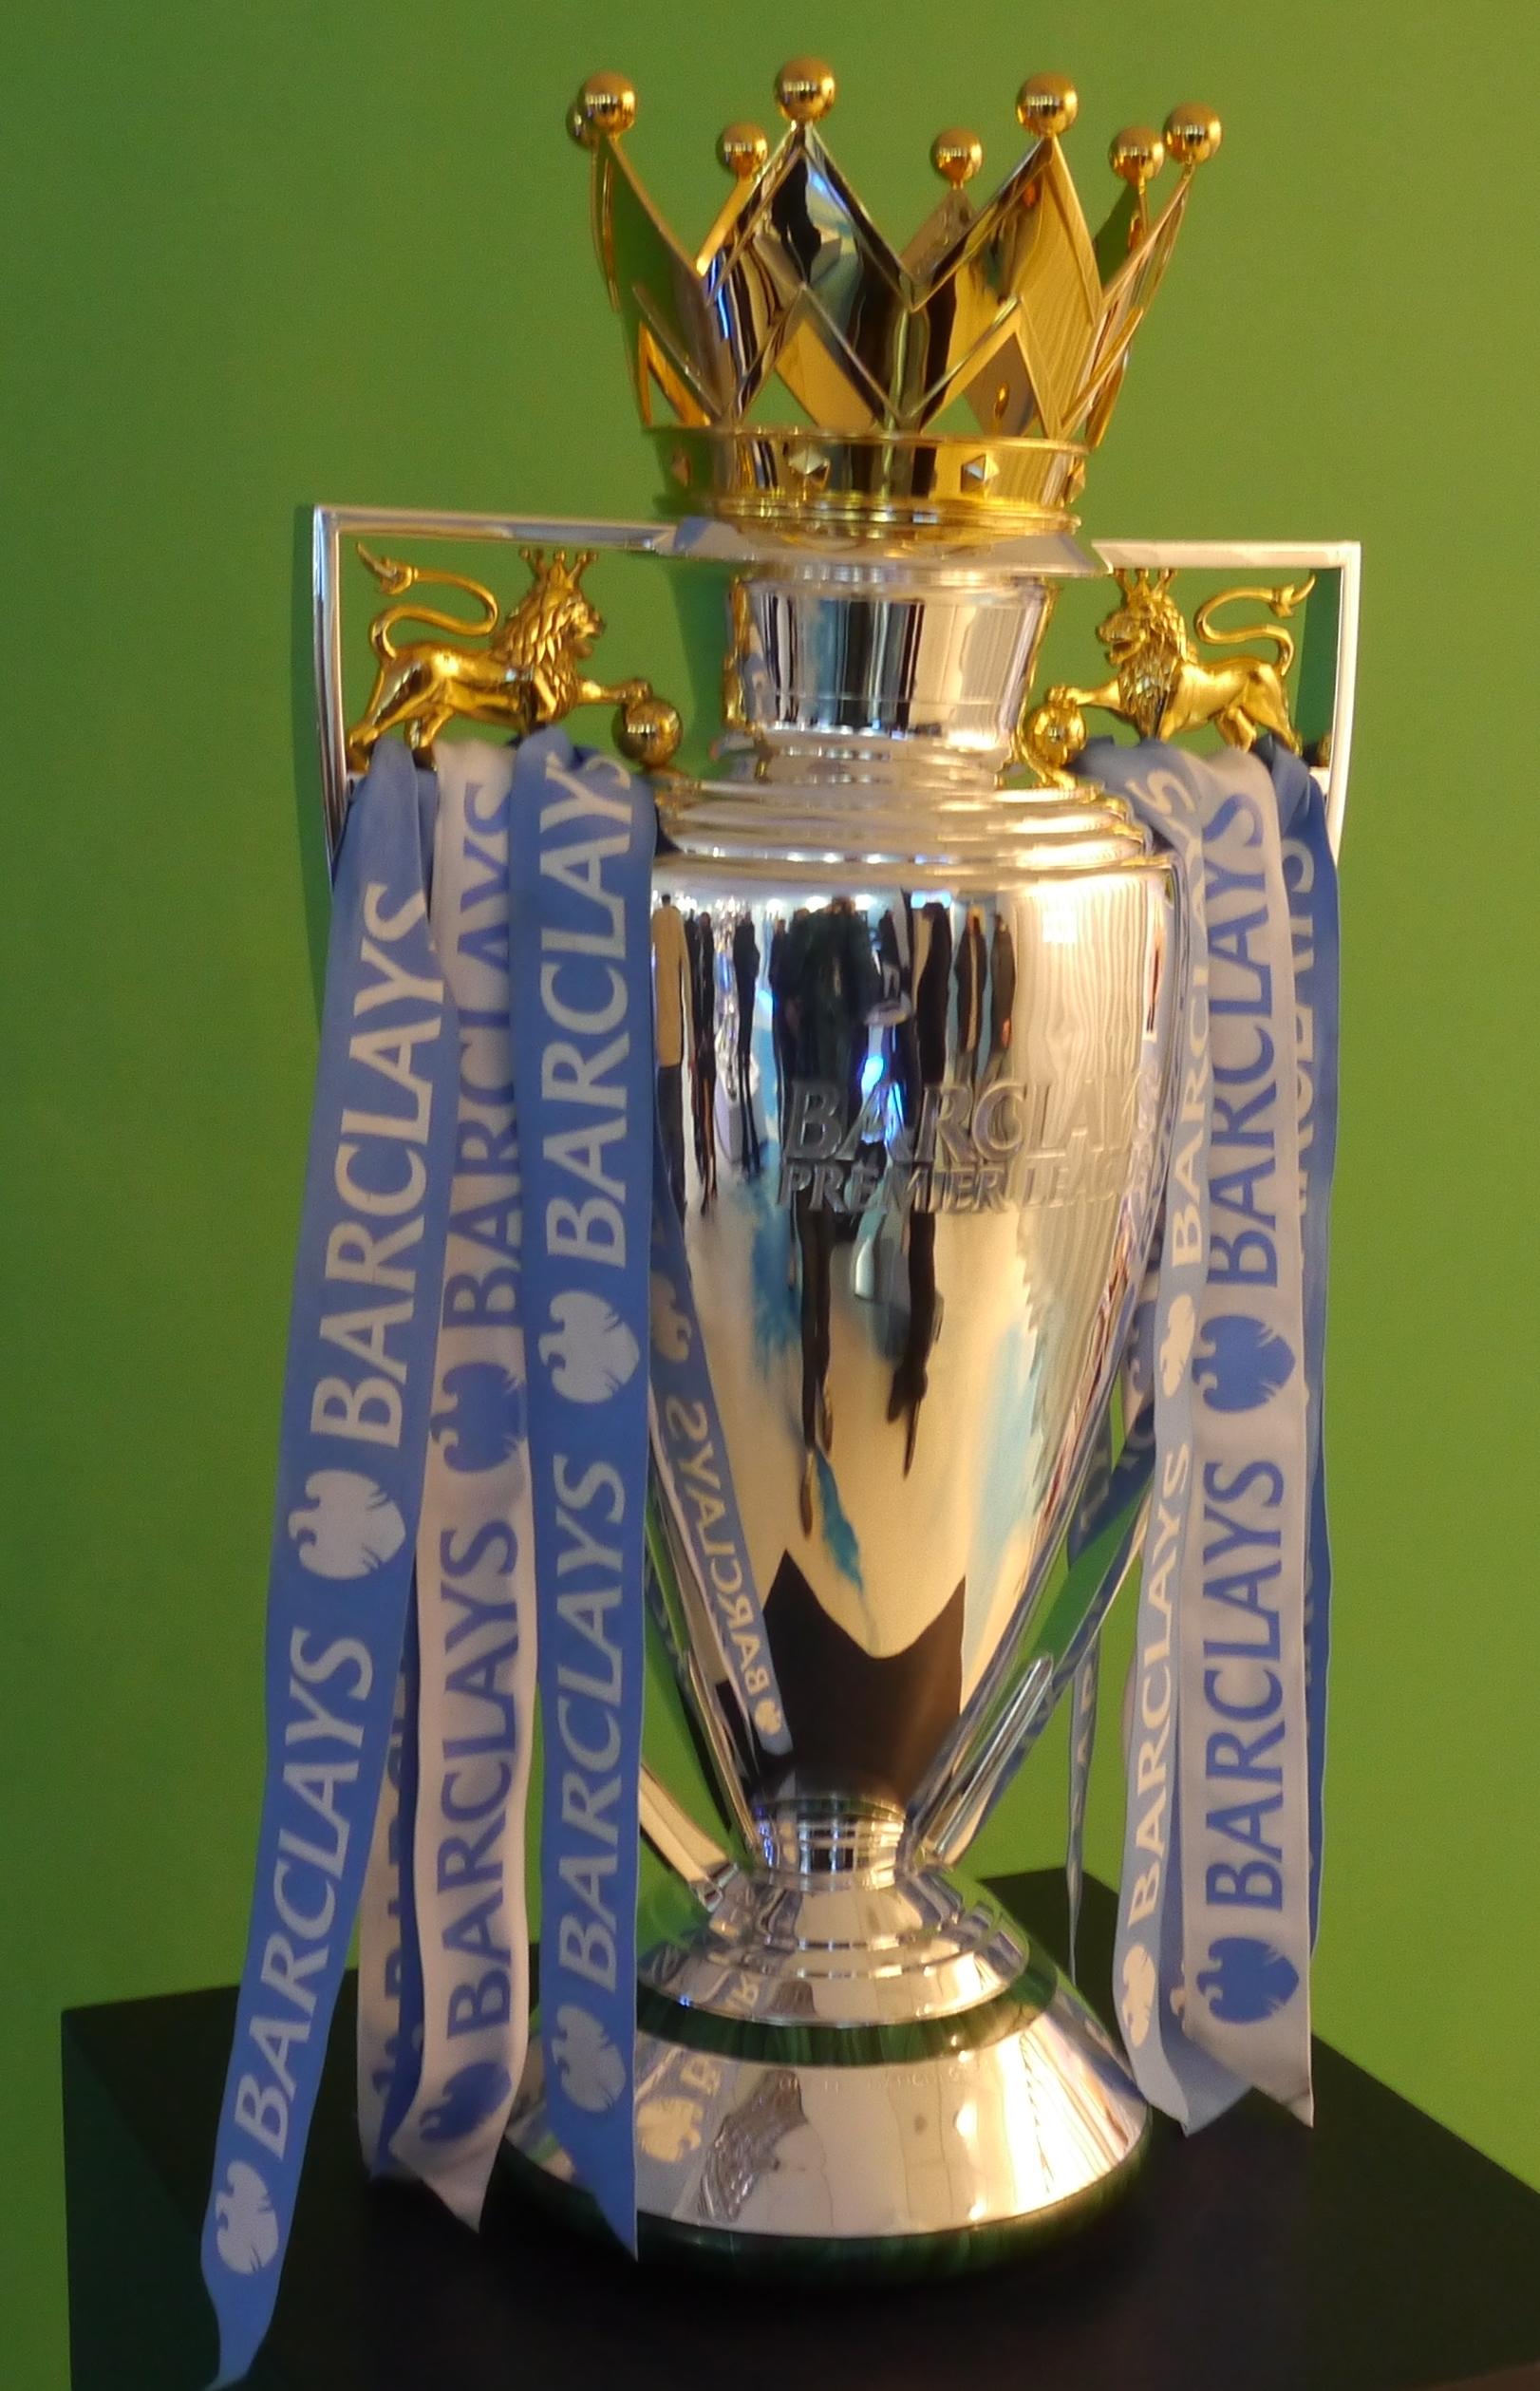 descuento especial retro paquete elegante y resistente Premier League - Wikipedia, la enciclopedia libre